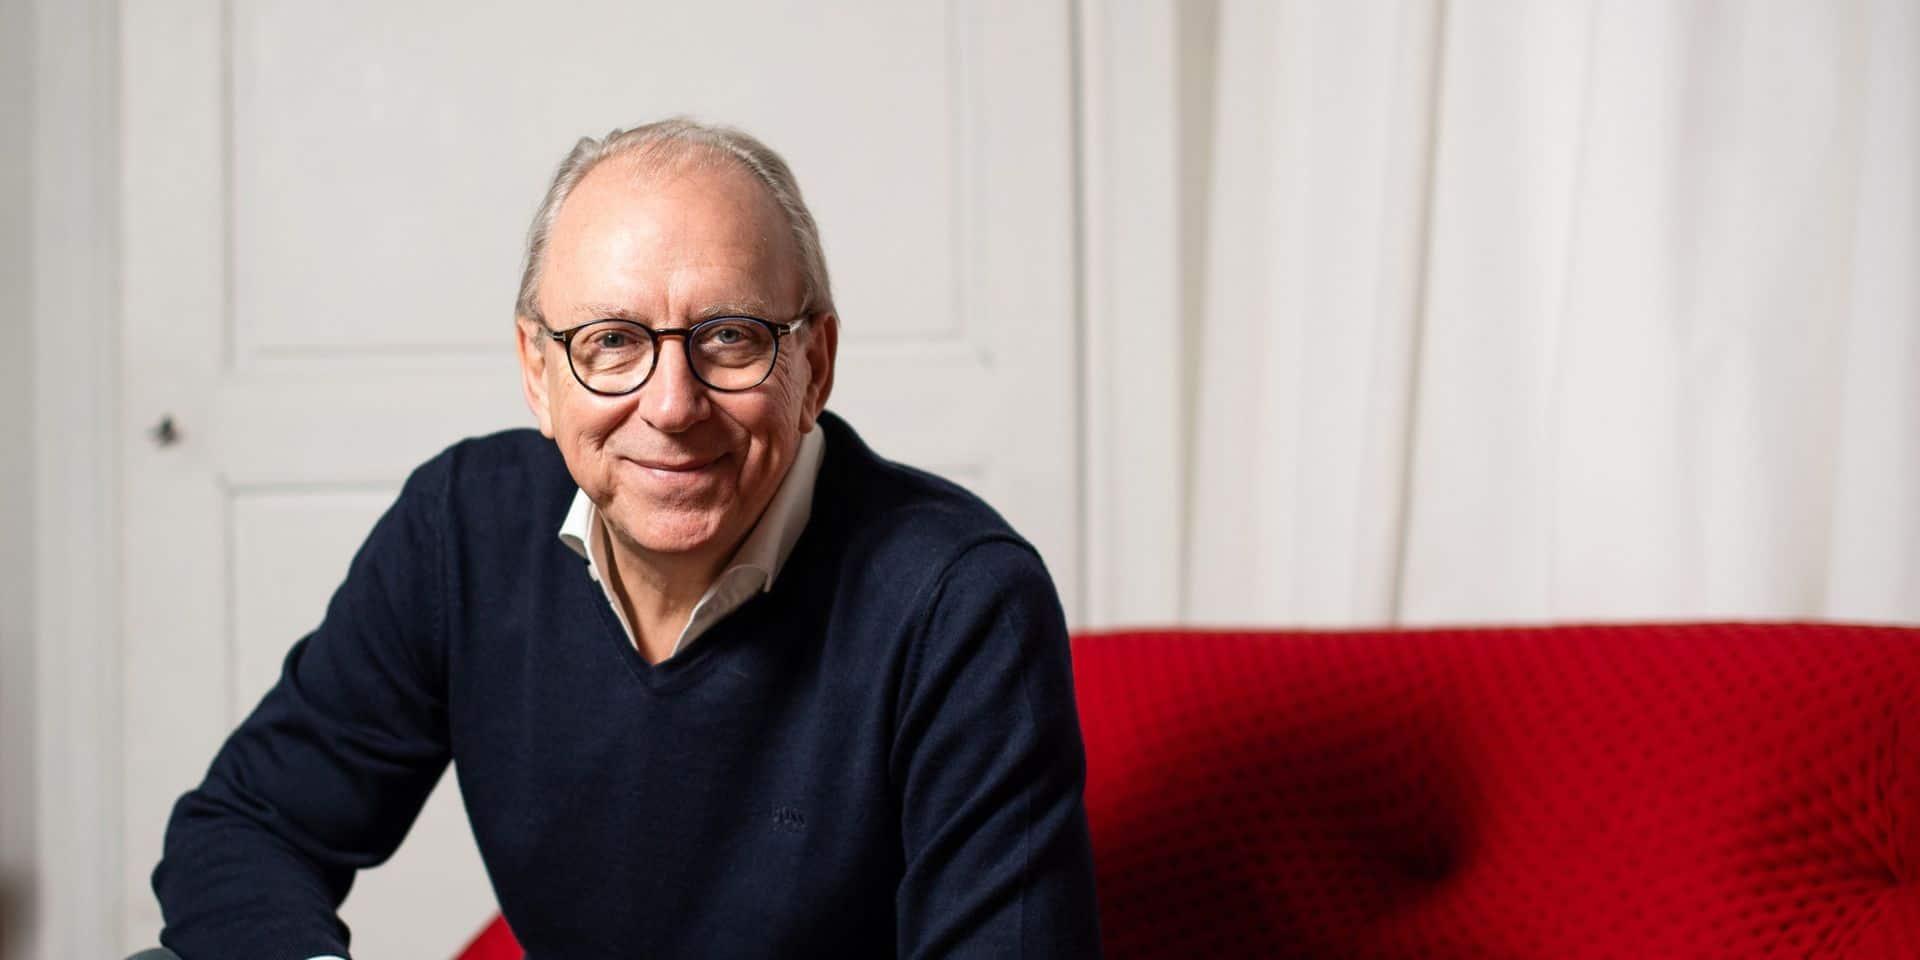 """Michel Lecomte, nouveau personnage de """"Votez pour moi"""": """"C'est un honneur pour moi"""""""